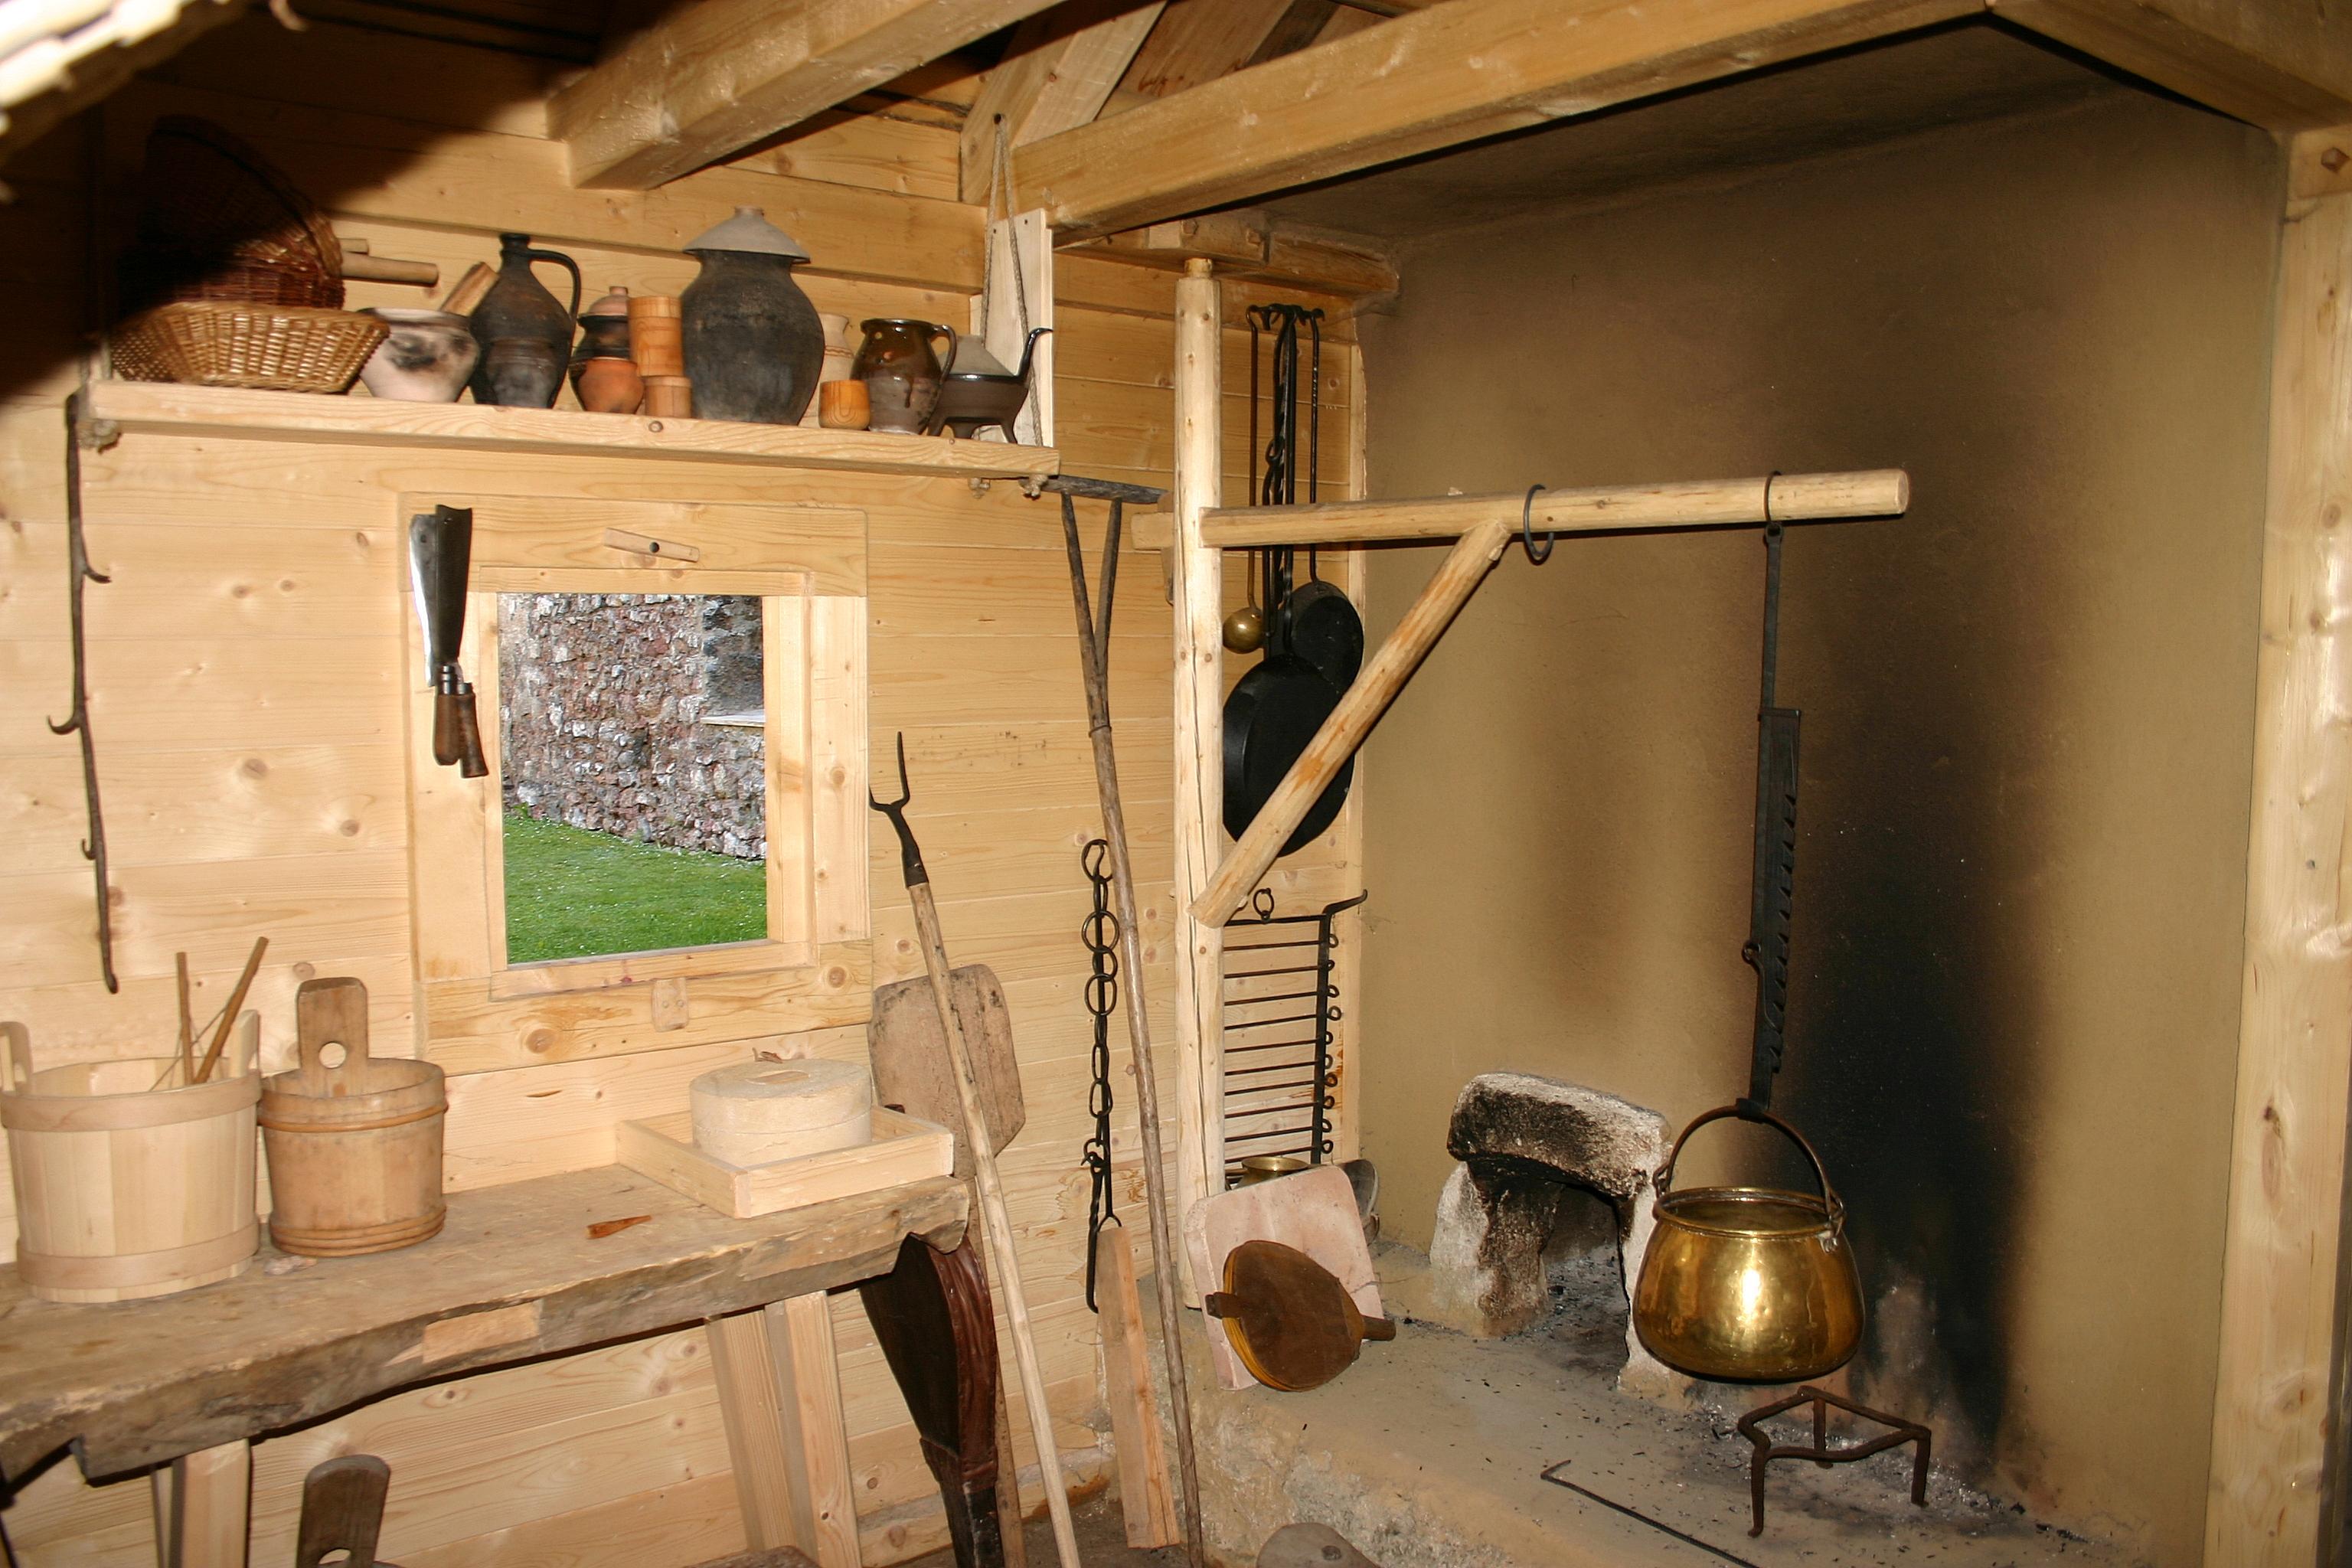 Mittelalter Küche | Datei Puchberg Burgruine Mittelalterliche Kuche Jpg Wikipedia